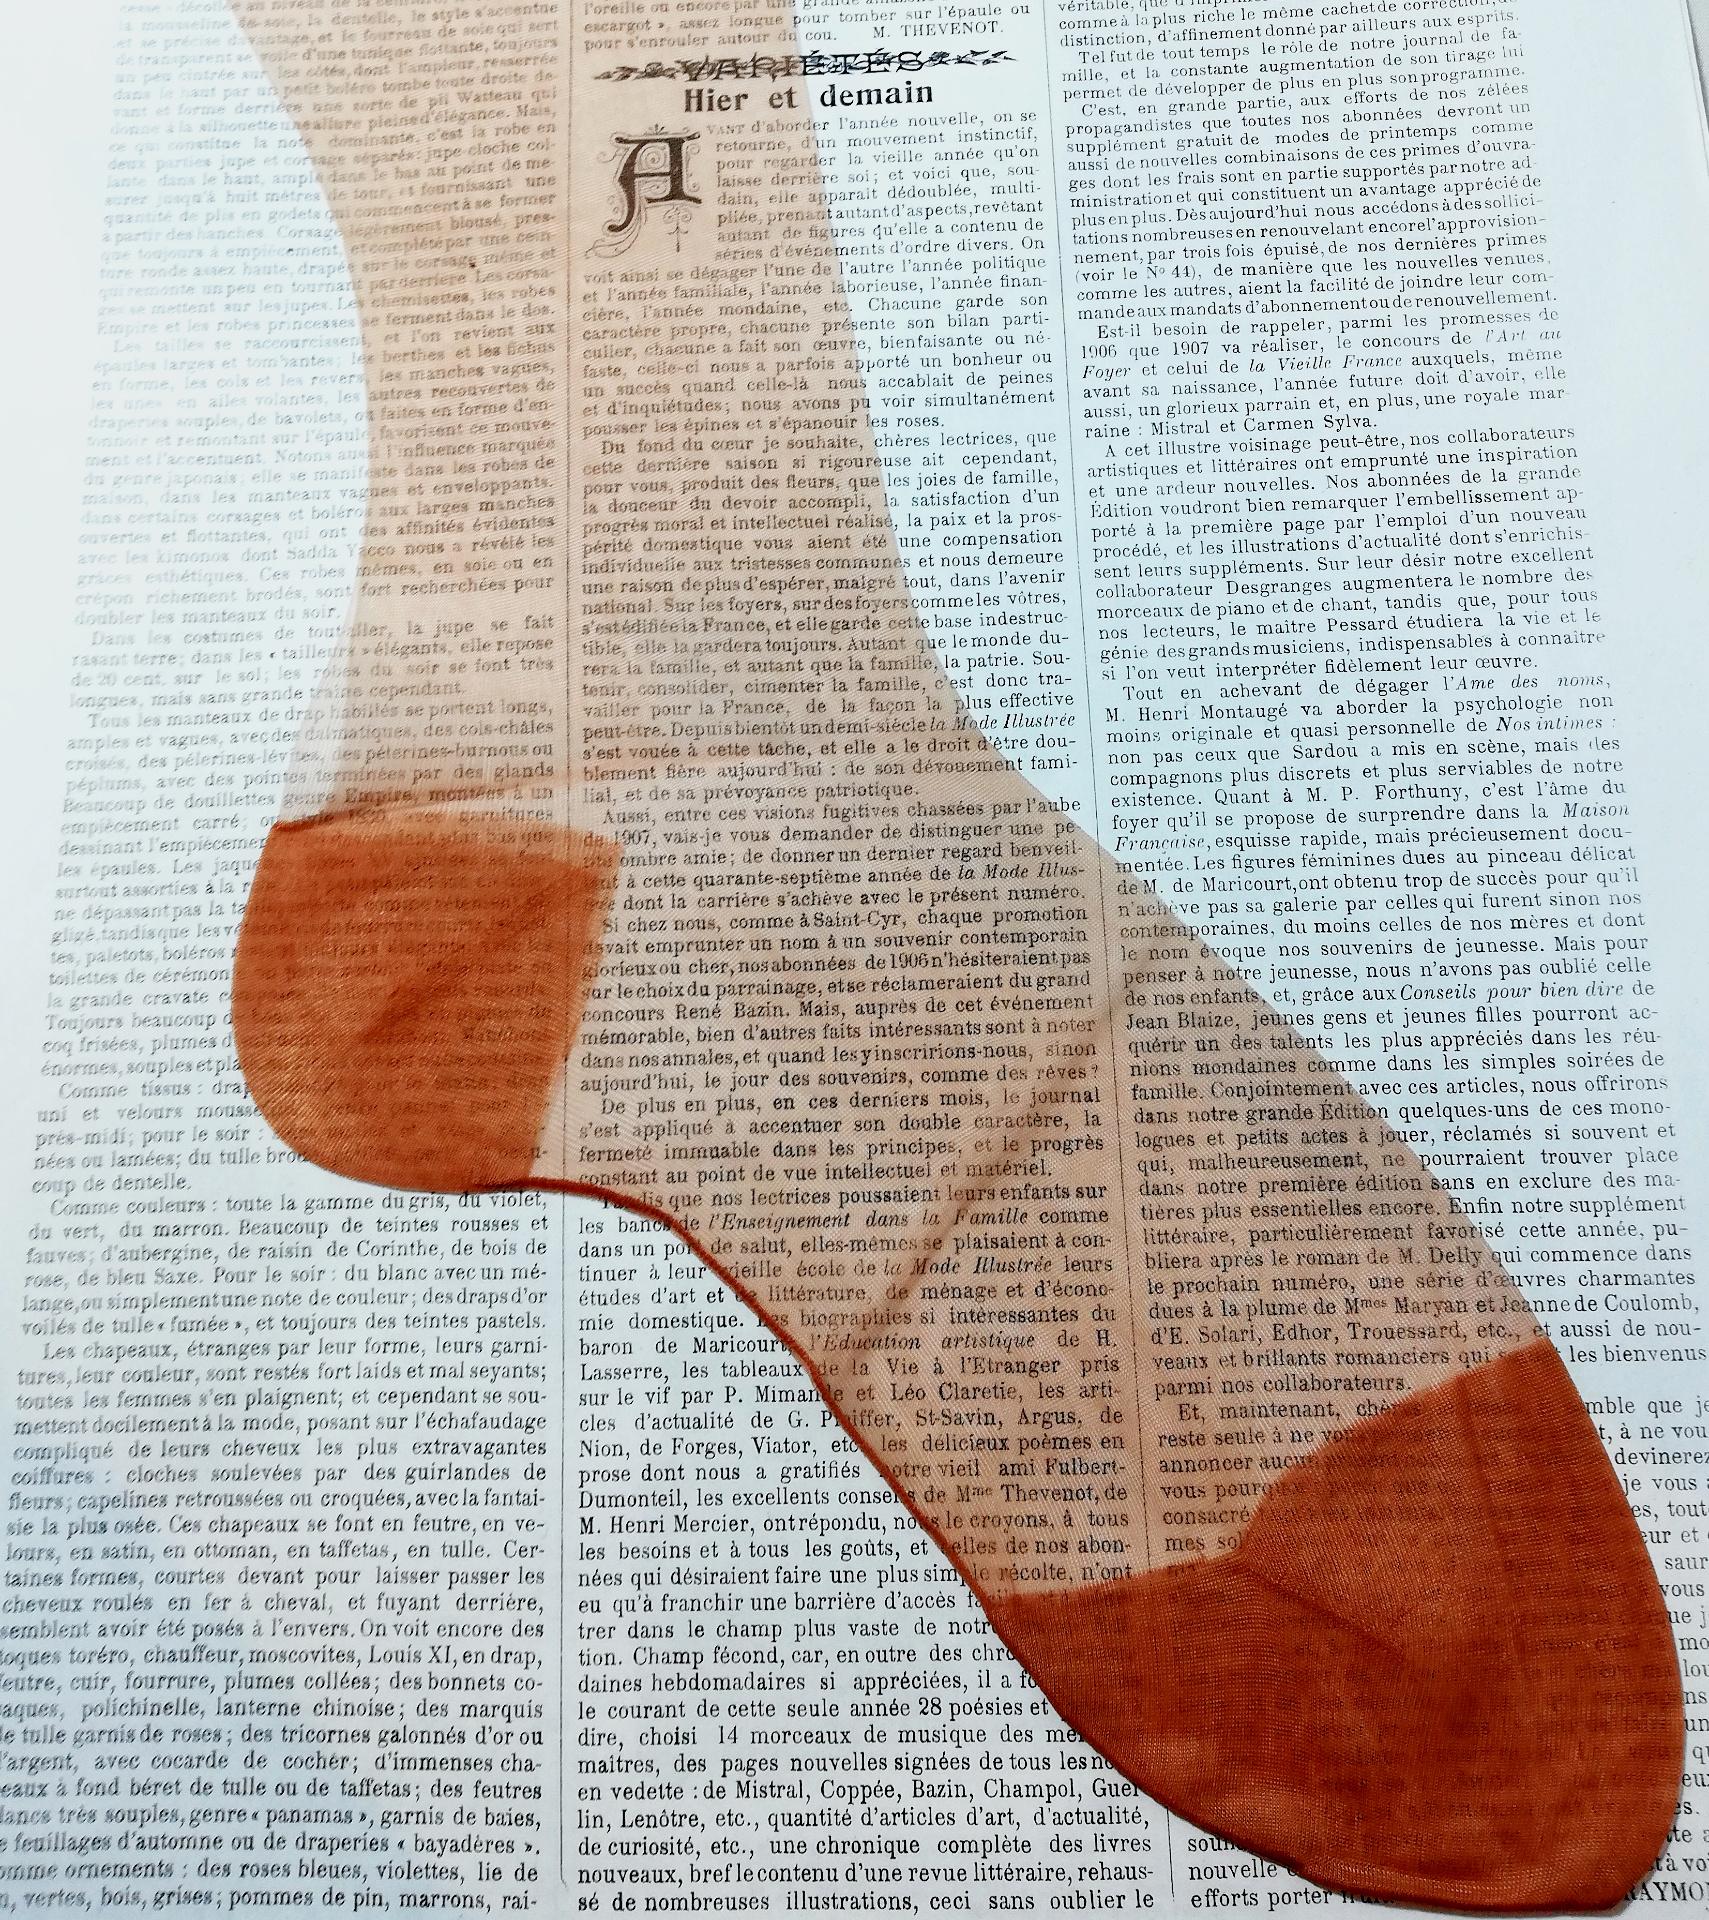 Vintage Nylon Stockings 1